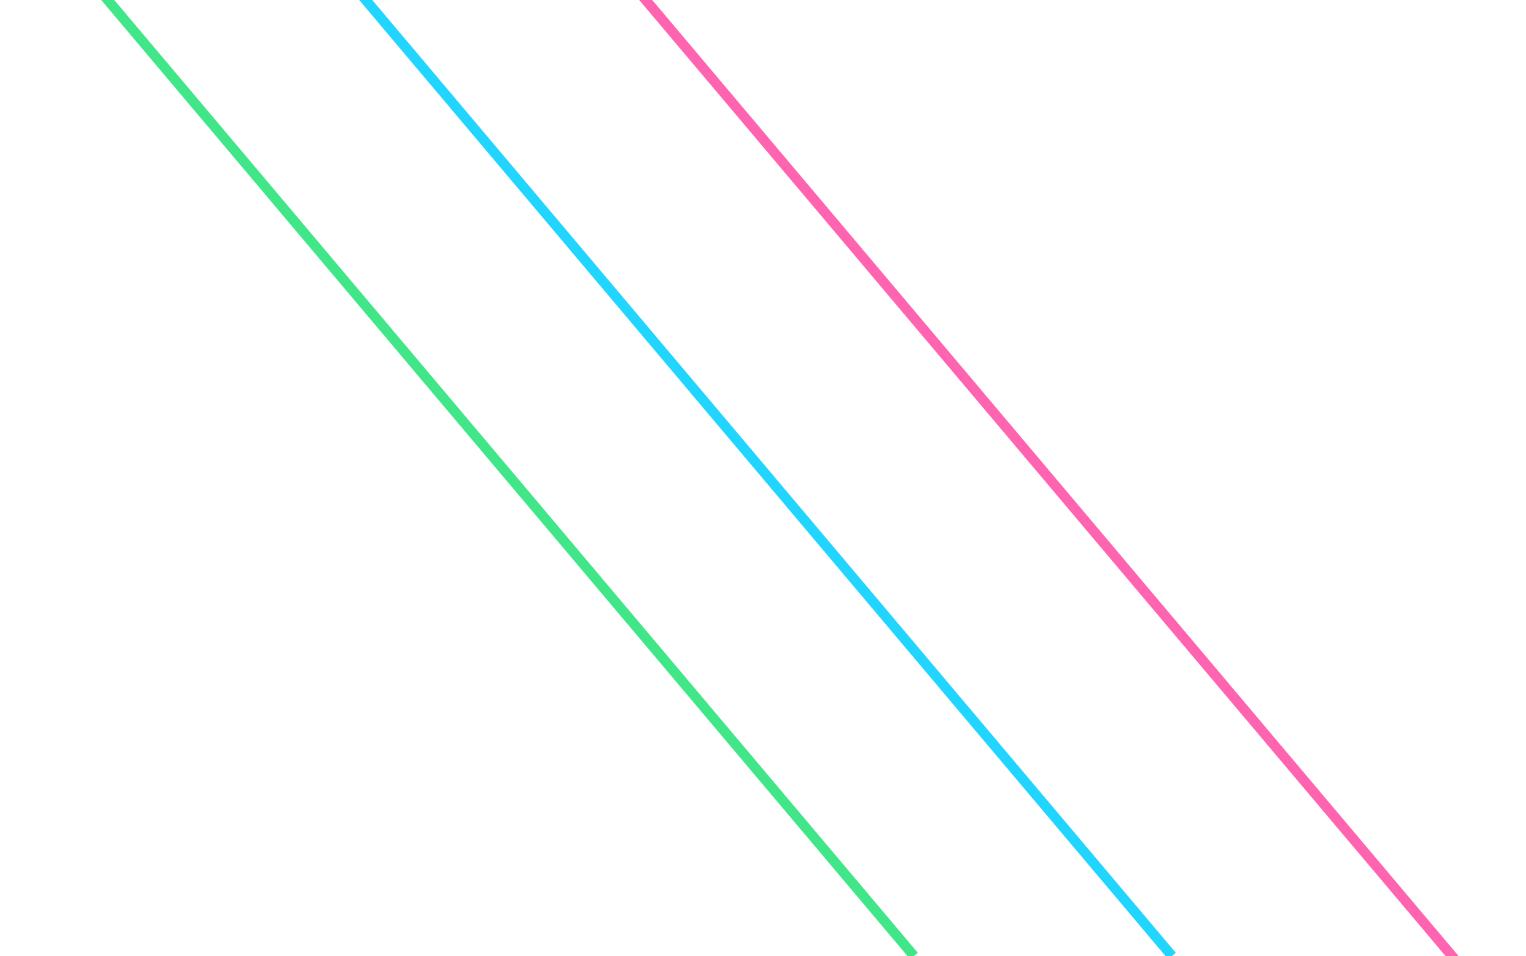 все три прямые параллельны